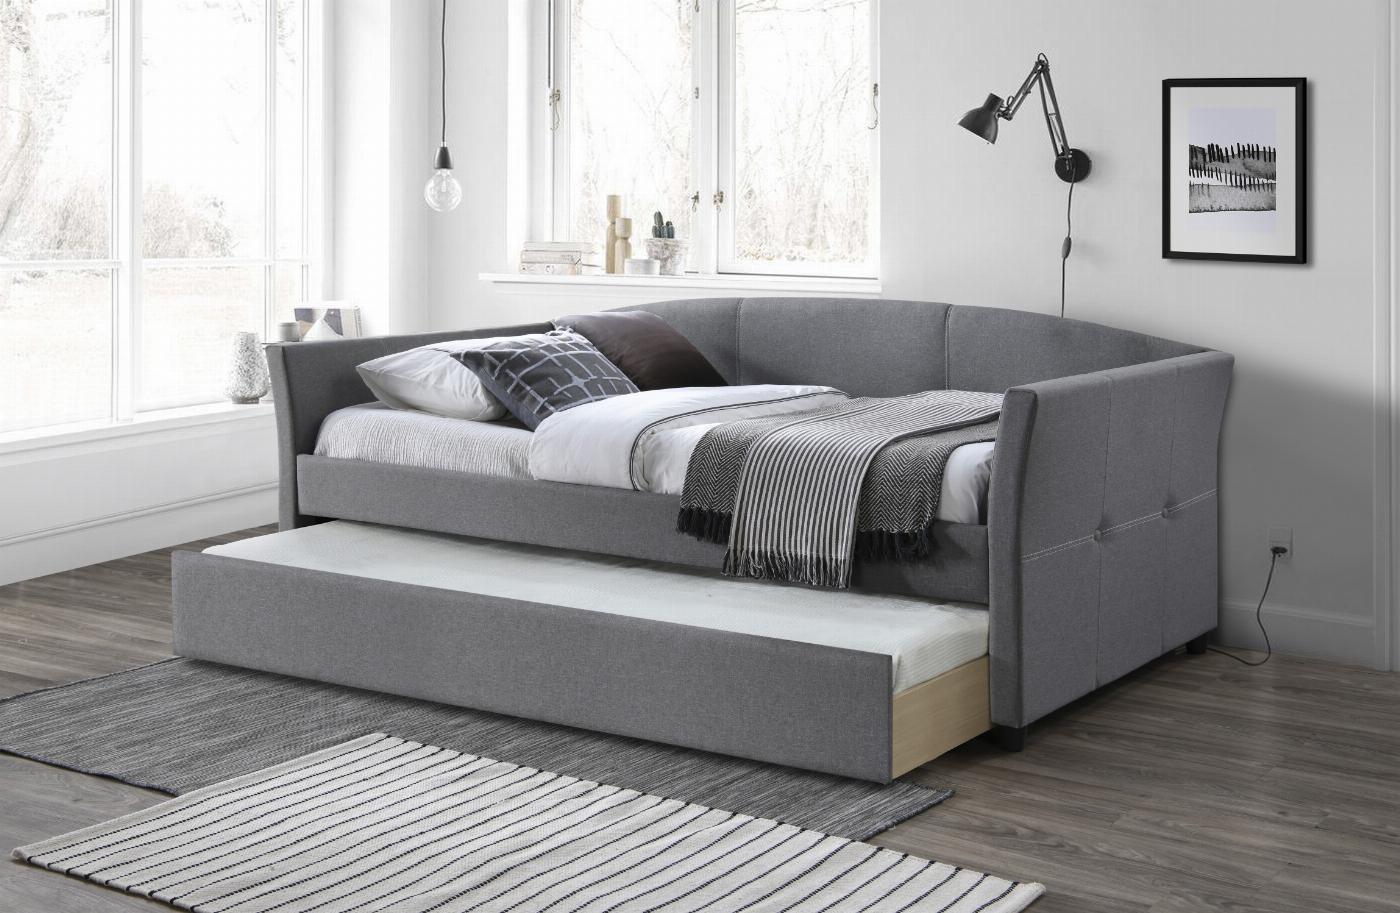 SANNA łóżko dwuosobowe z wysuwanym dolnym materacem popielaty